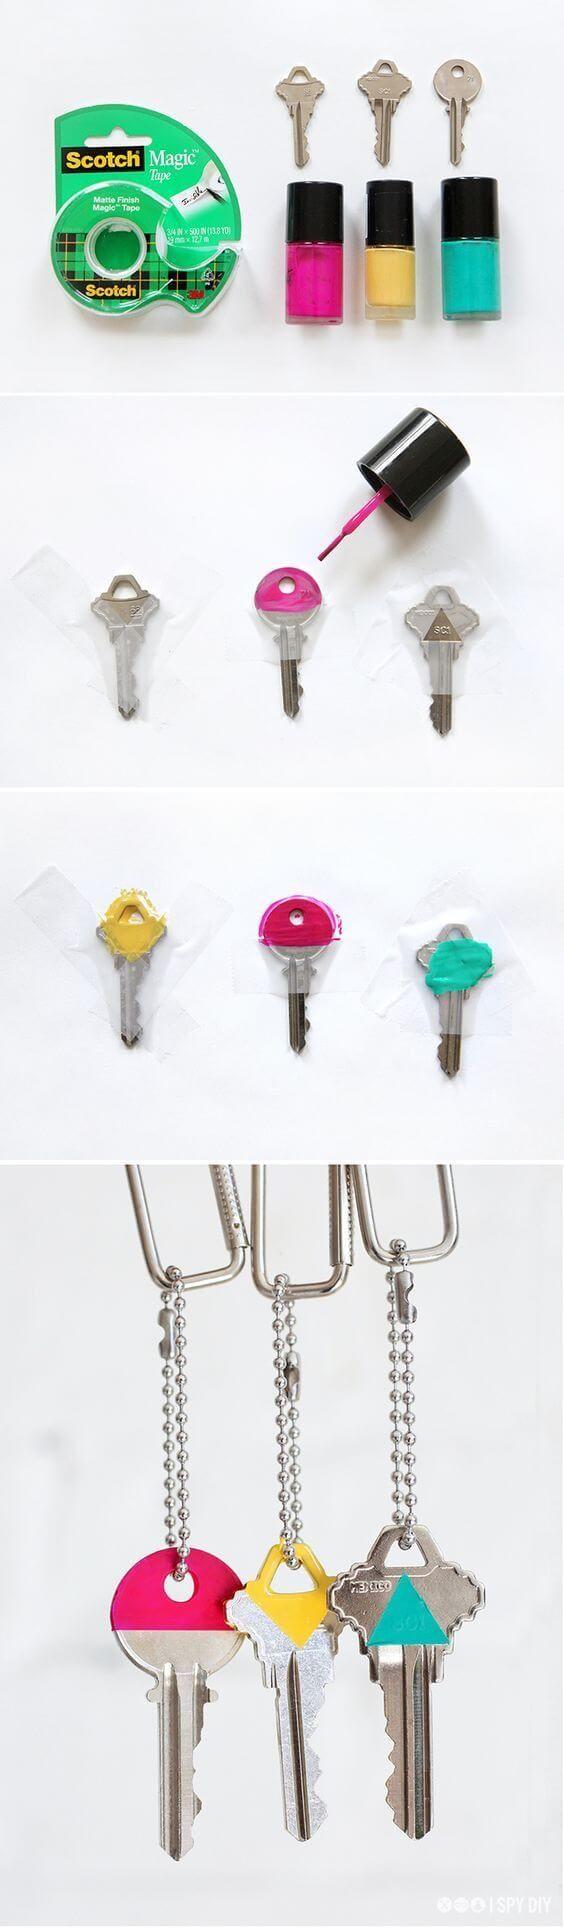 Kreative Wohnaccessoires zum Selbermachen, Schlüssel mit Nagellack markieren Check more at http://diydekoideen.com/kreative-wohnaccessoires-die-den-alltag-leichter-machen/